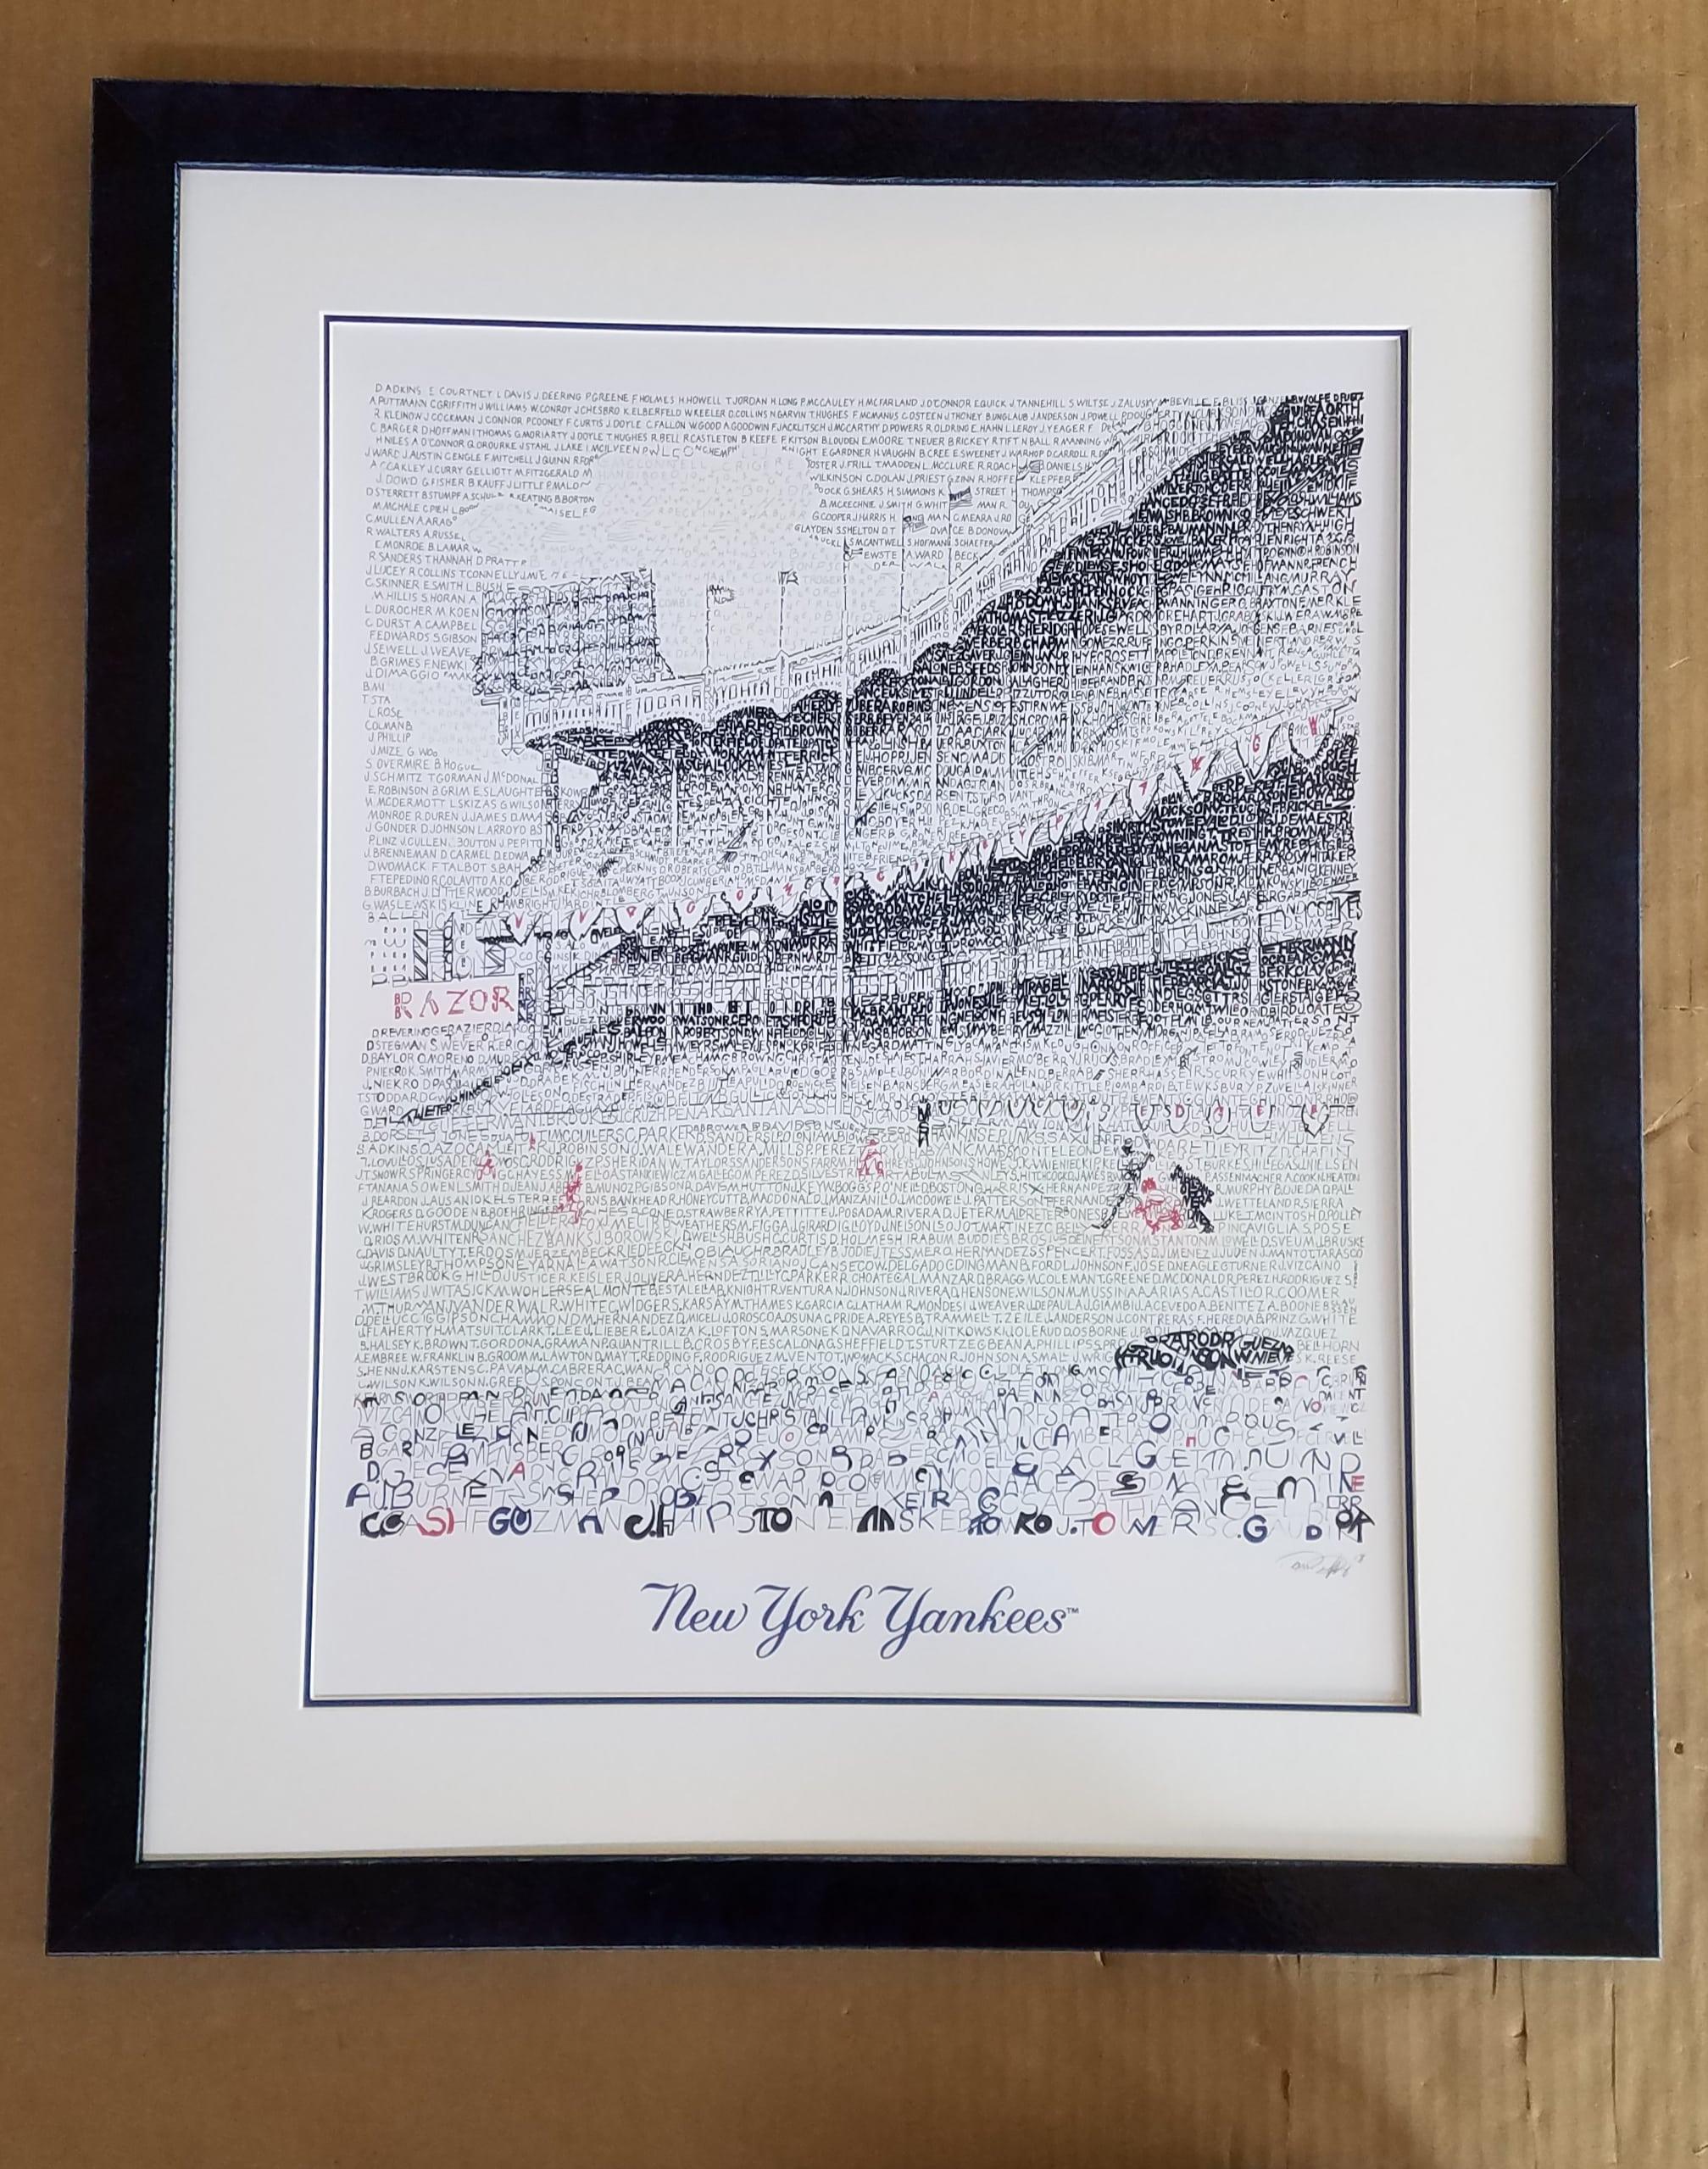 Yankees Artwork